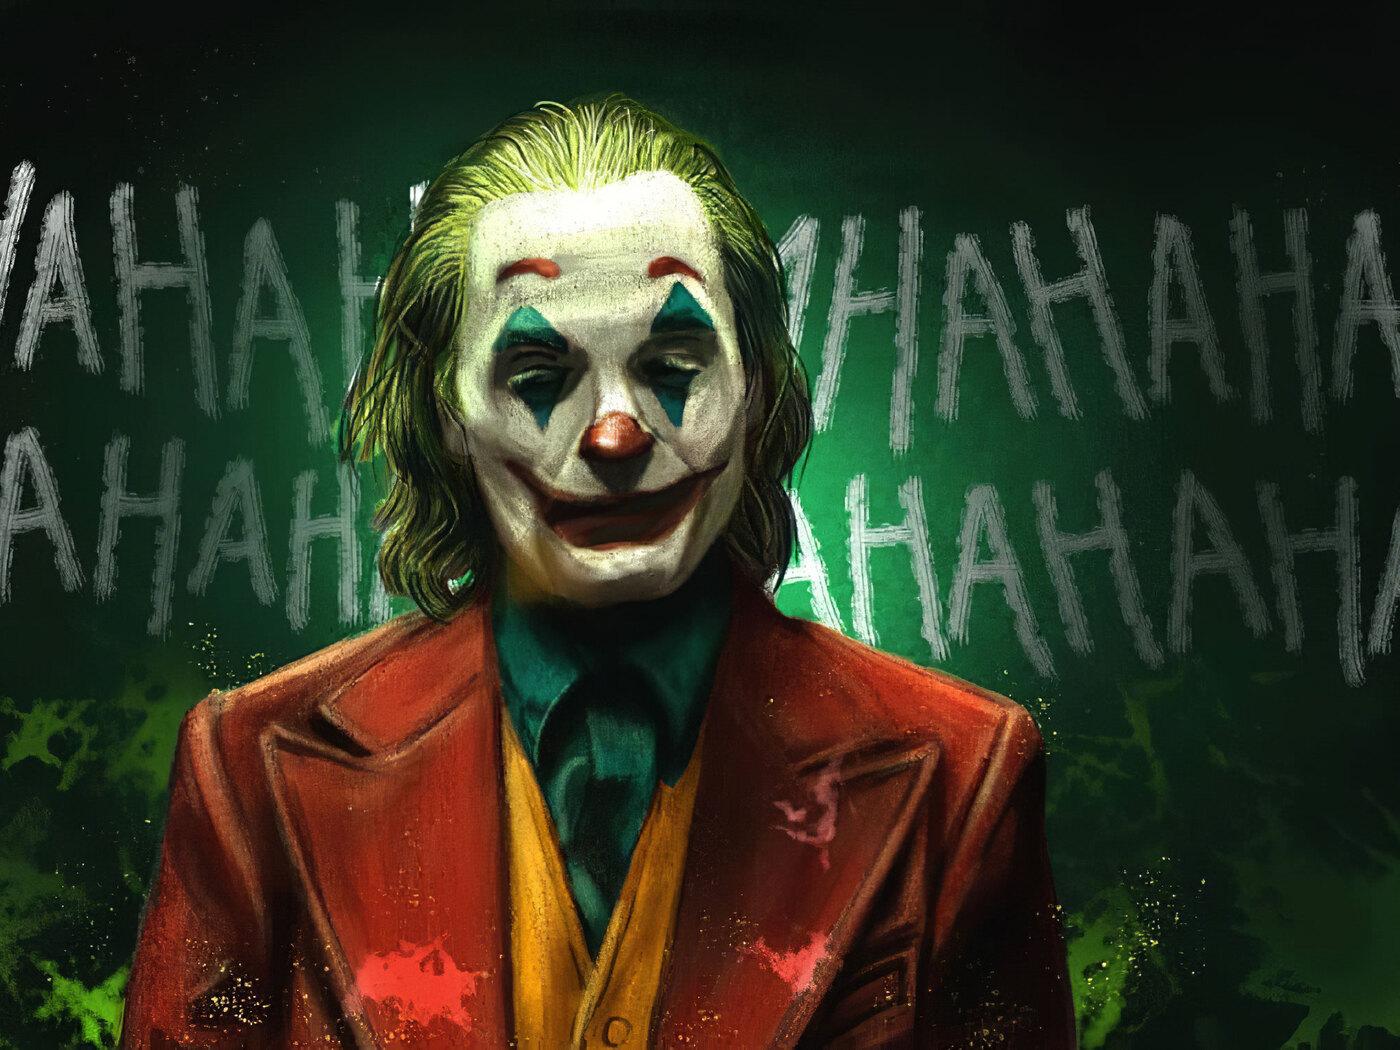 joker-2020-artwork-q8.jpg